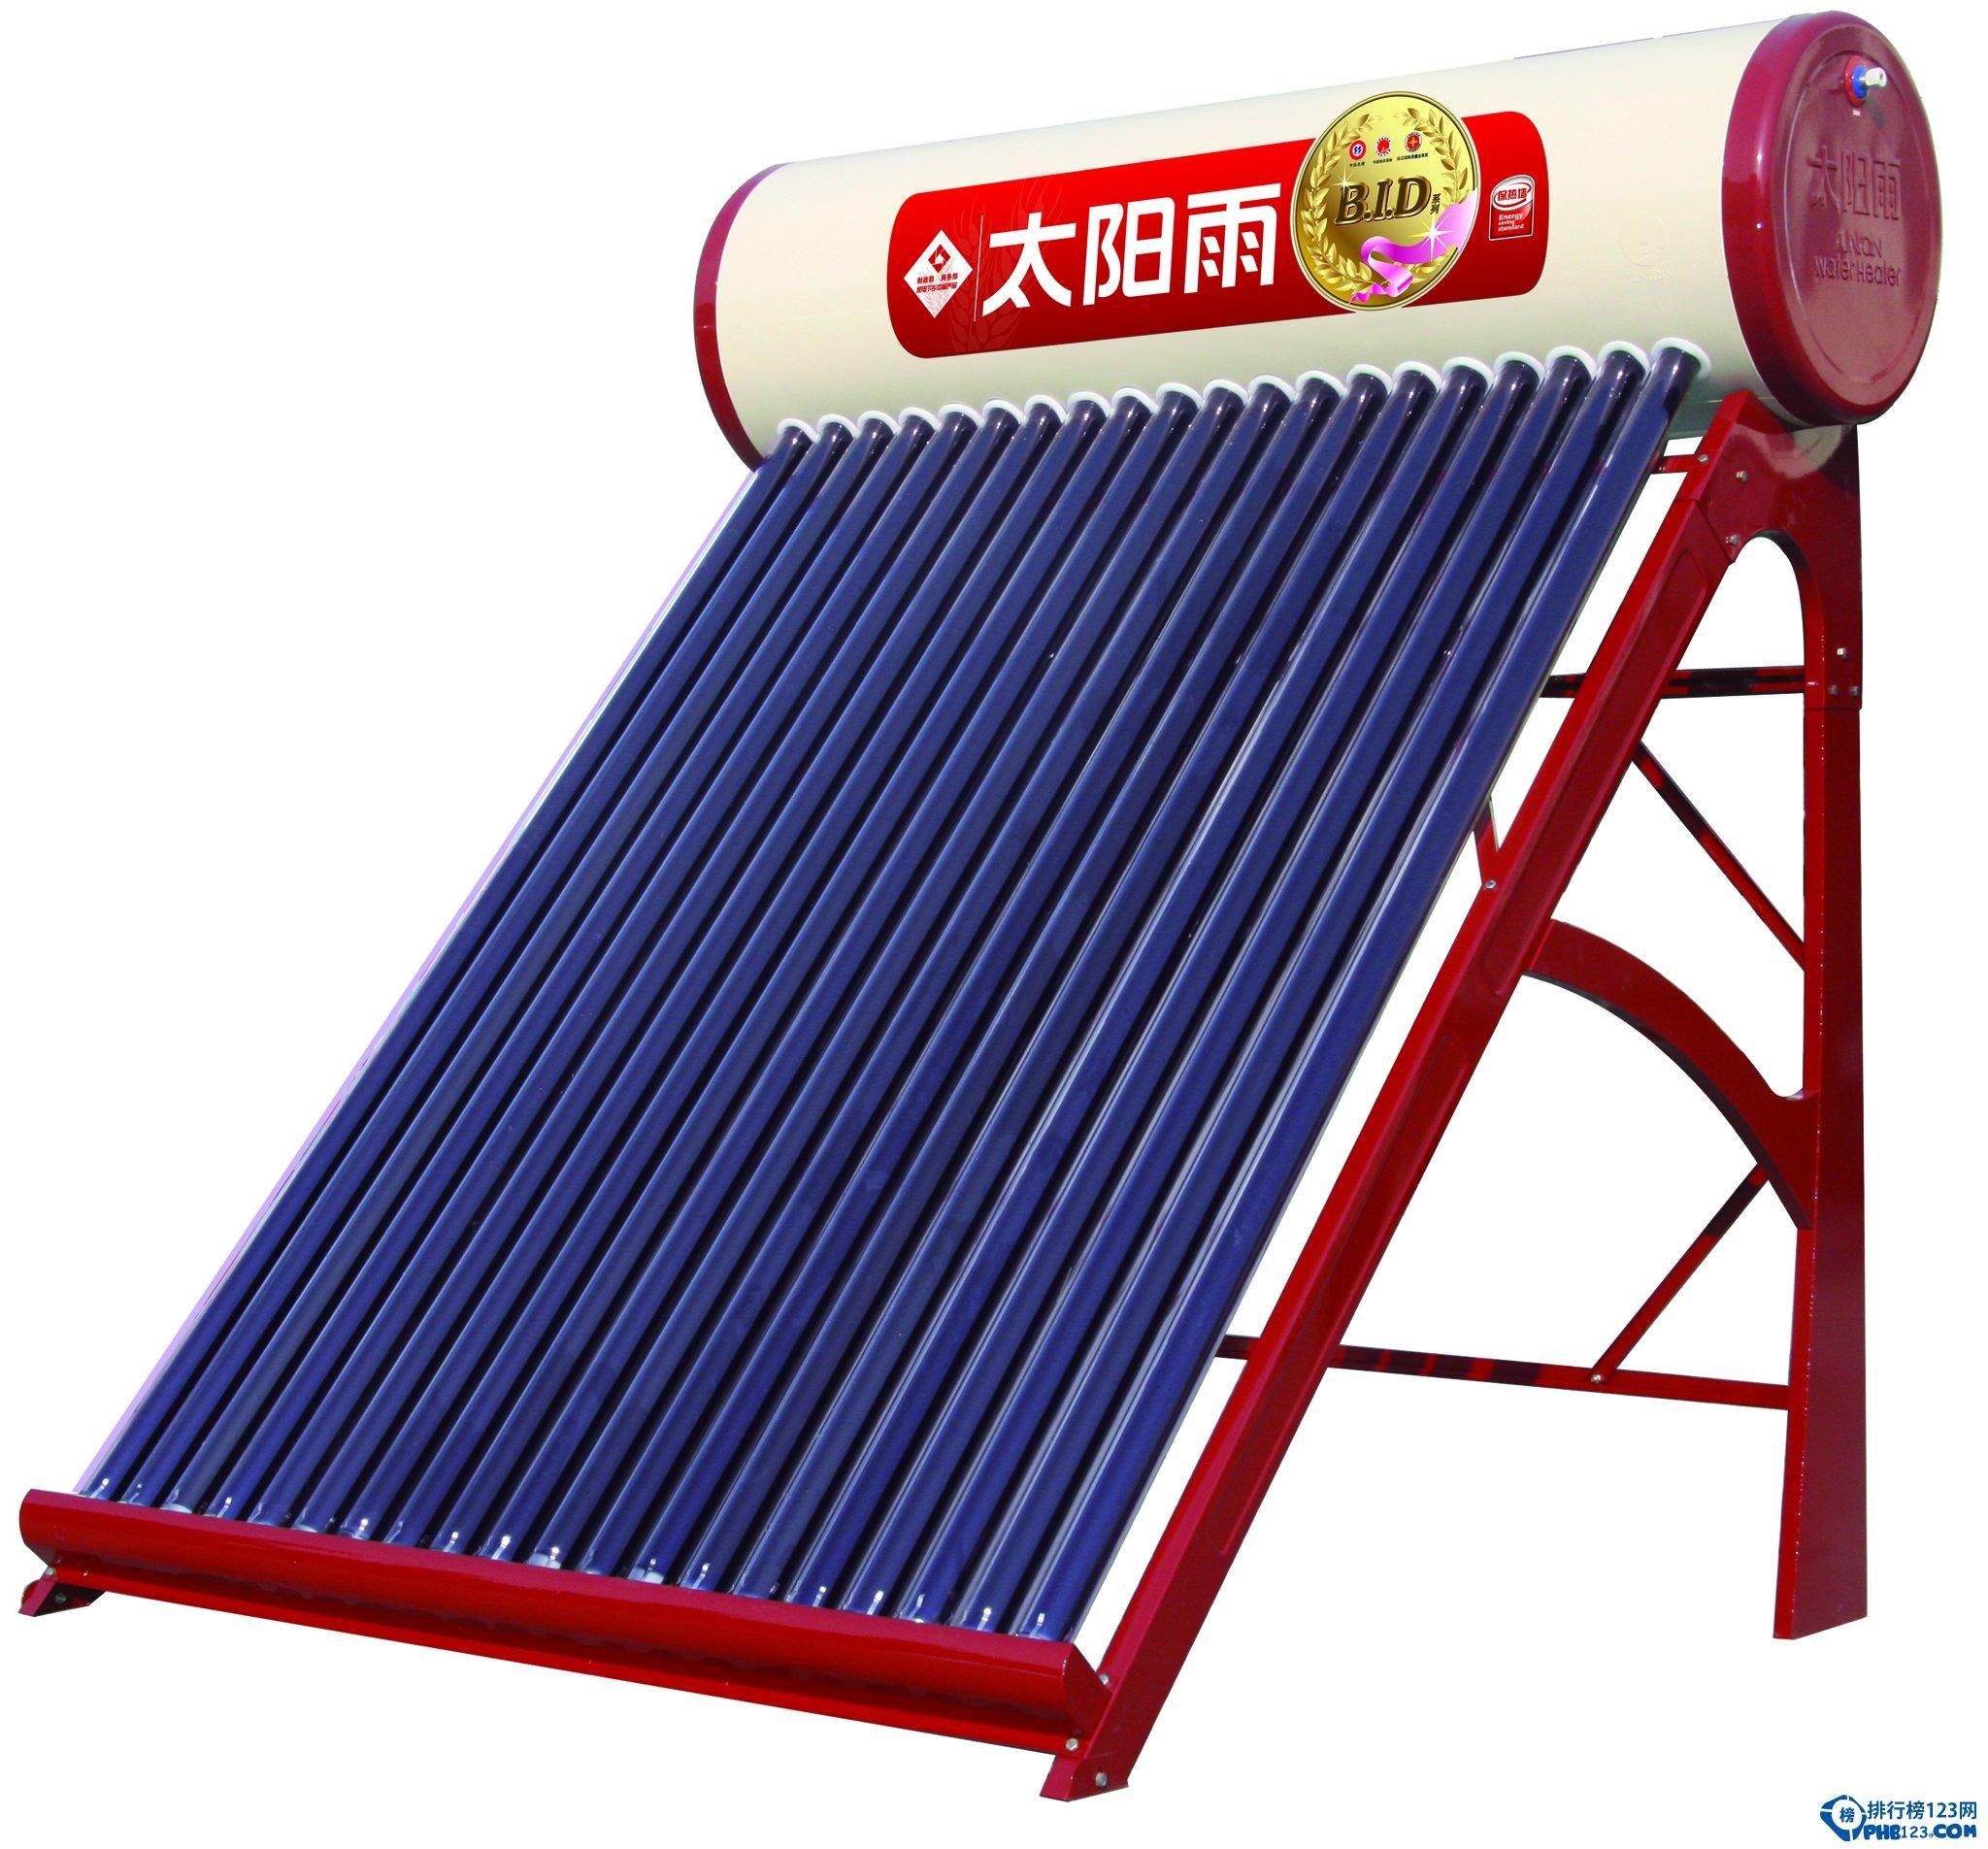 2019太陽能熱水器的十大品牌排名